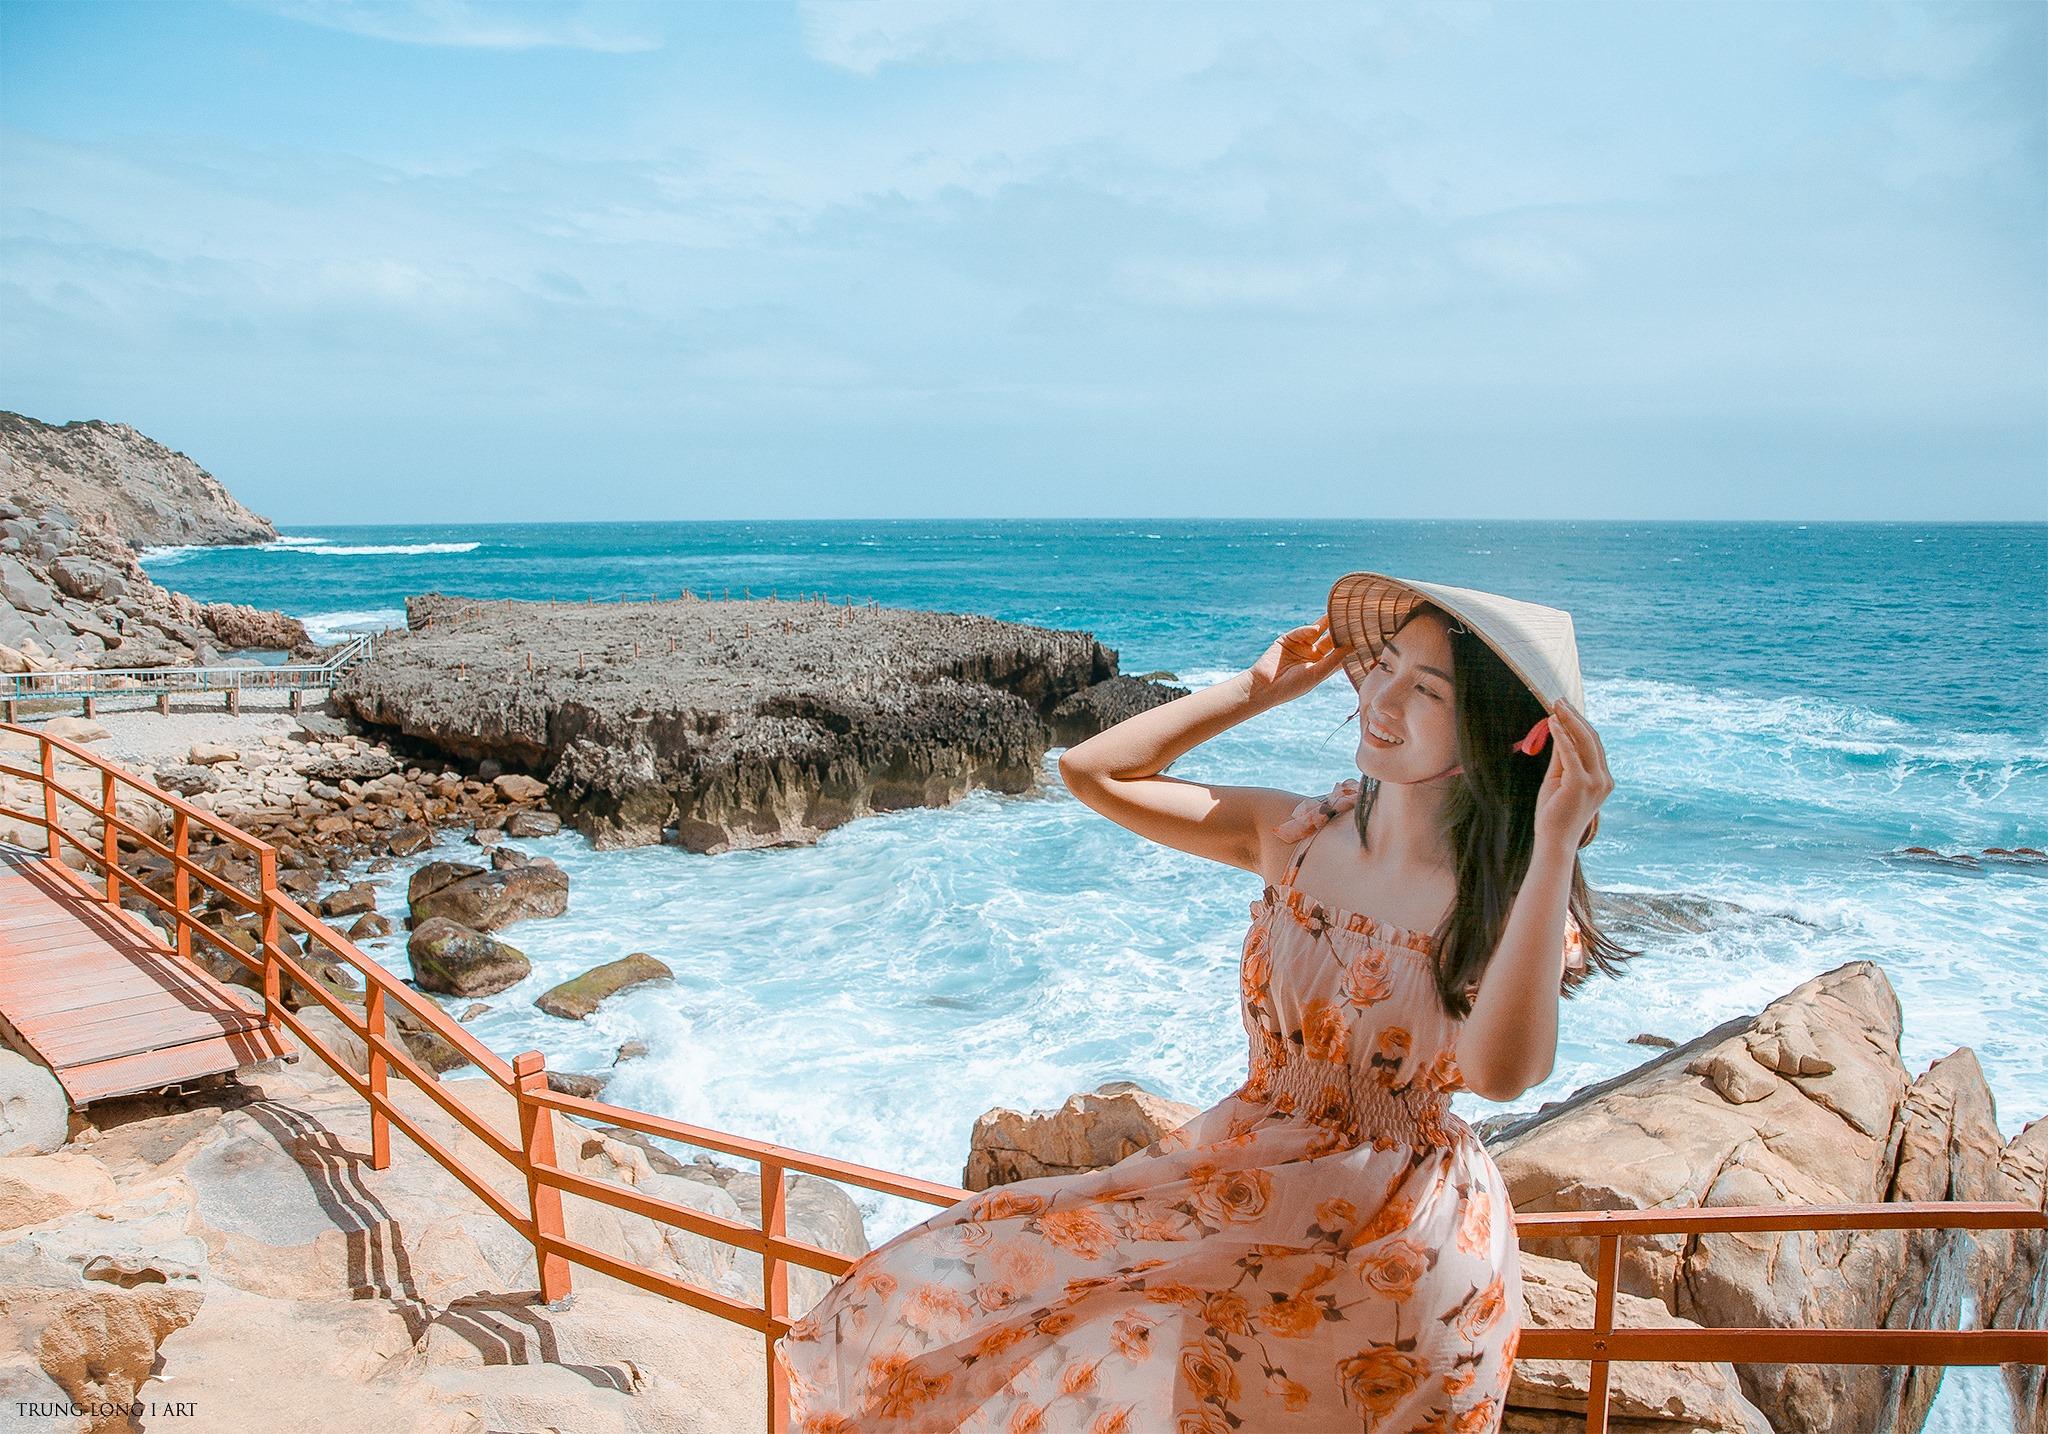 Hang Rái Ninh Thuận: Địa điểm đẹp để lưu giữ kỷ niệm